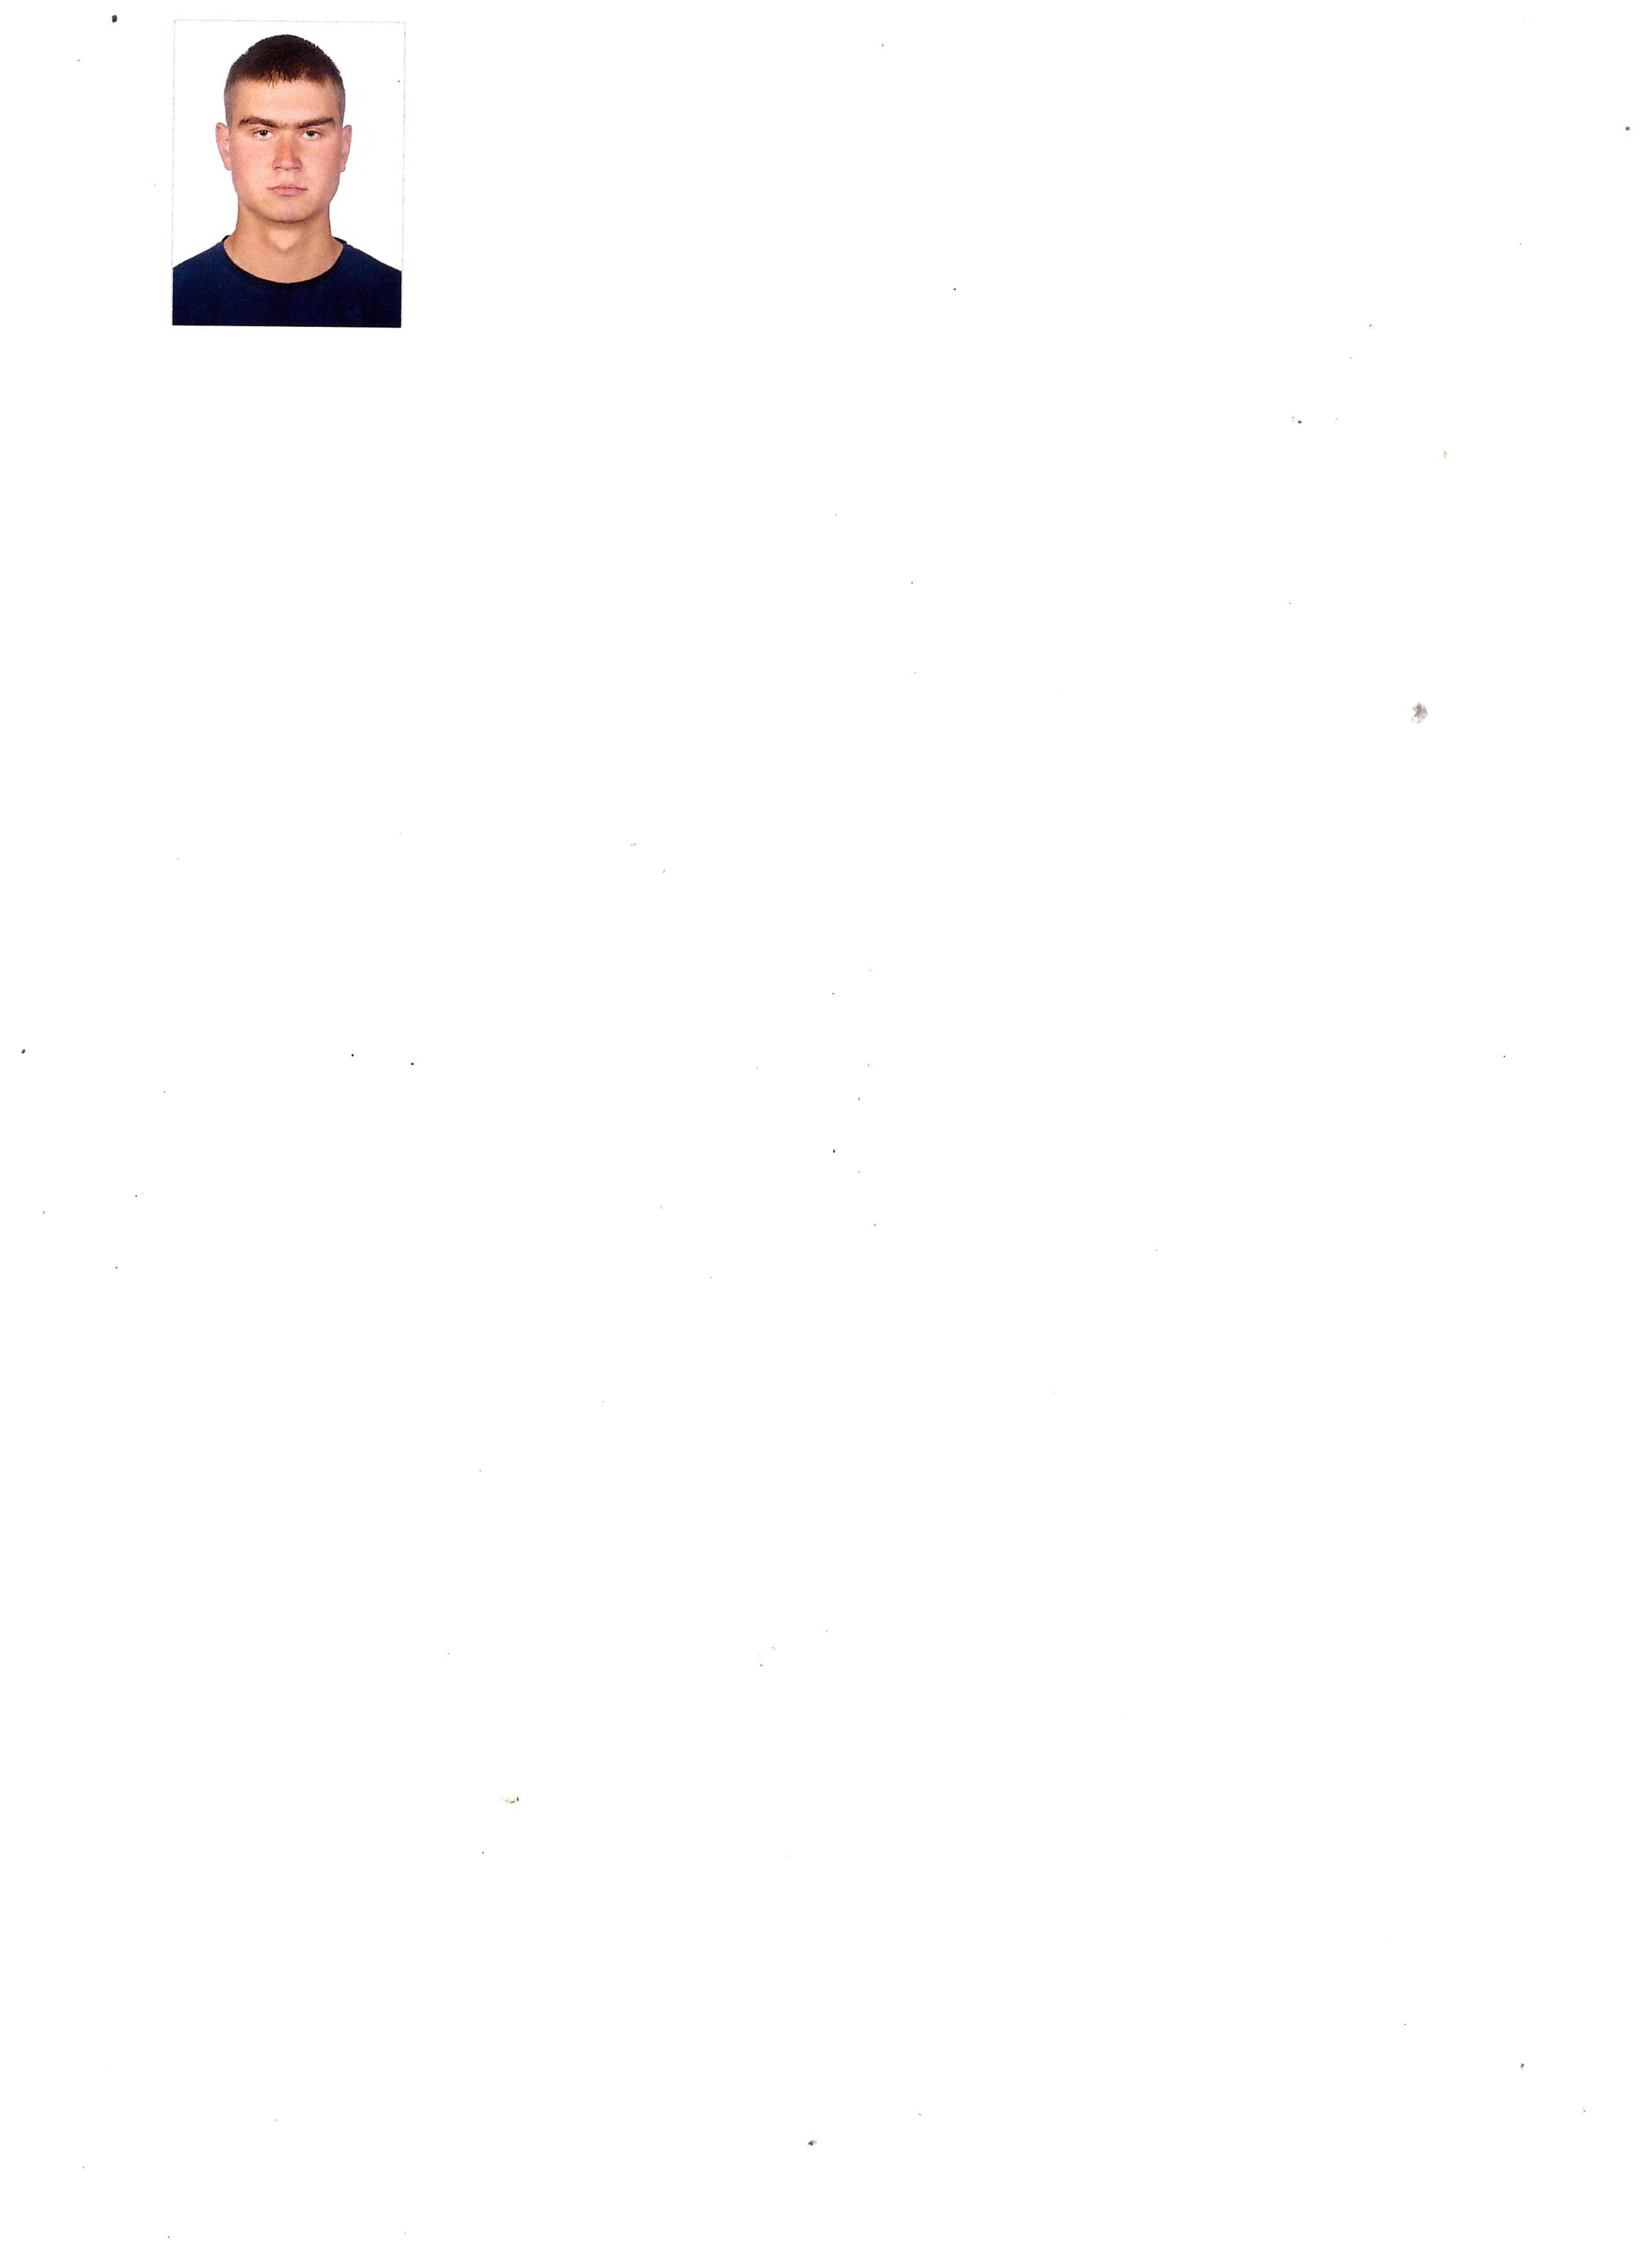 Опис : C:UsersUser1Desktopдепутати фотоФото кандидатівКандидати в  депутатиОкруг 1Семенюк Андрій Олександрович.jpg